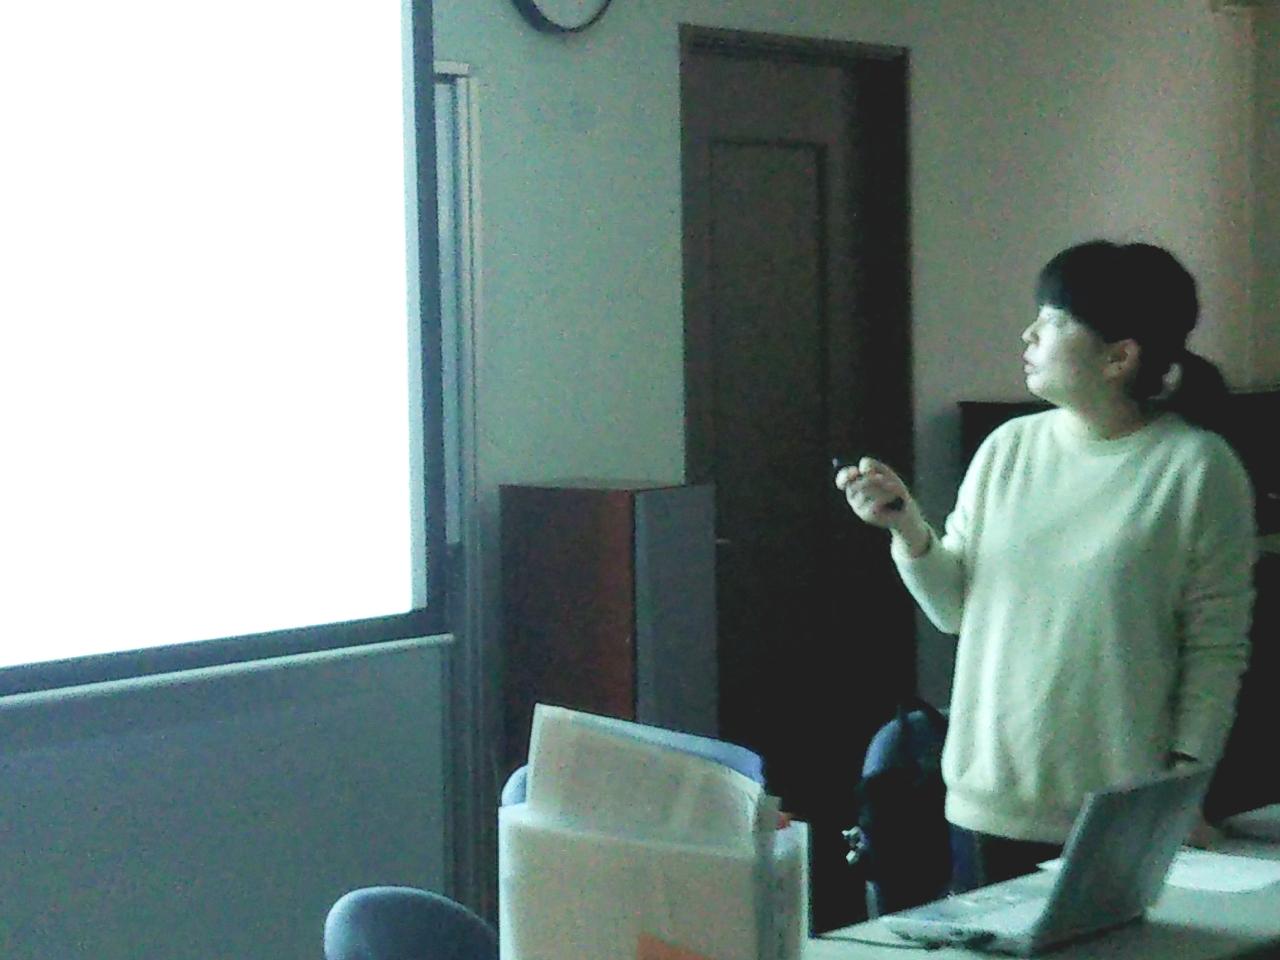 秋山友美講師が教室のプロジェクターでスクリーンに資料を映し出しながら講義を進めています。